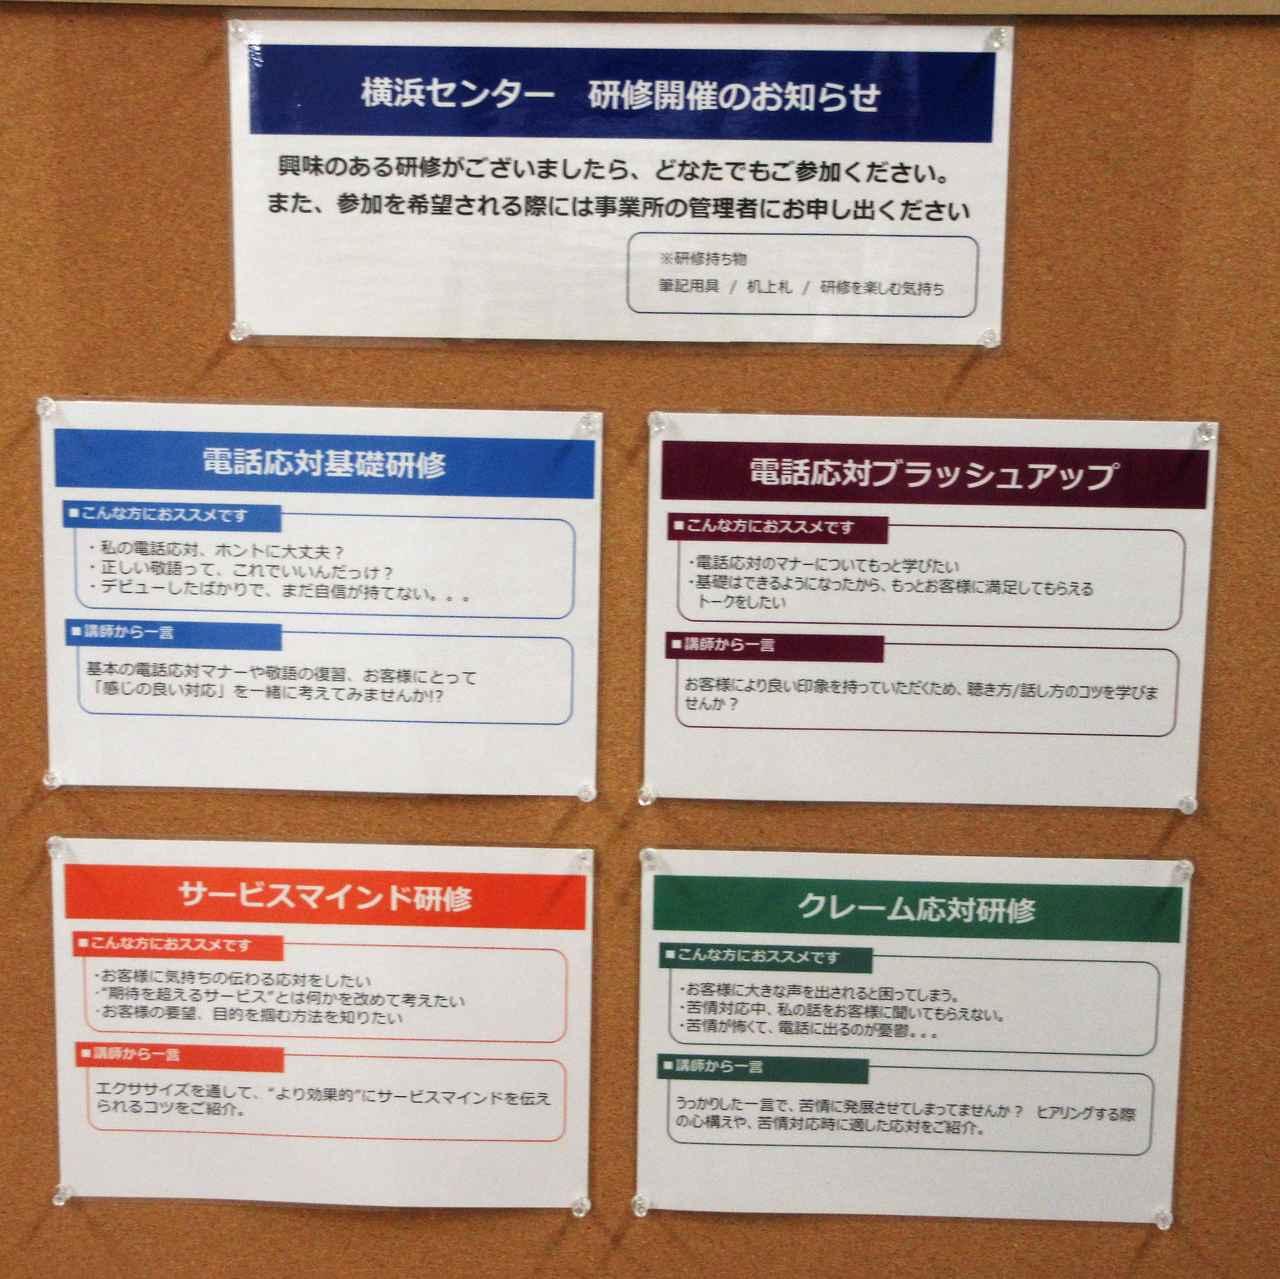 画像1: 各種研修開催お知らせの掲示板